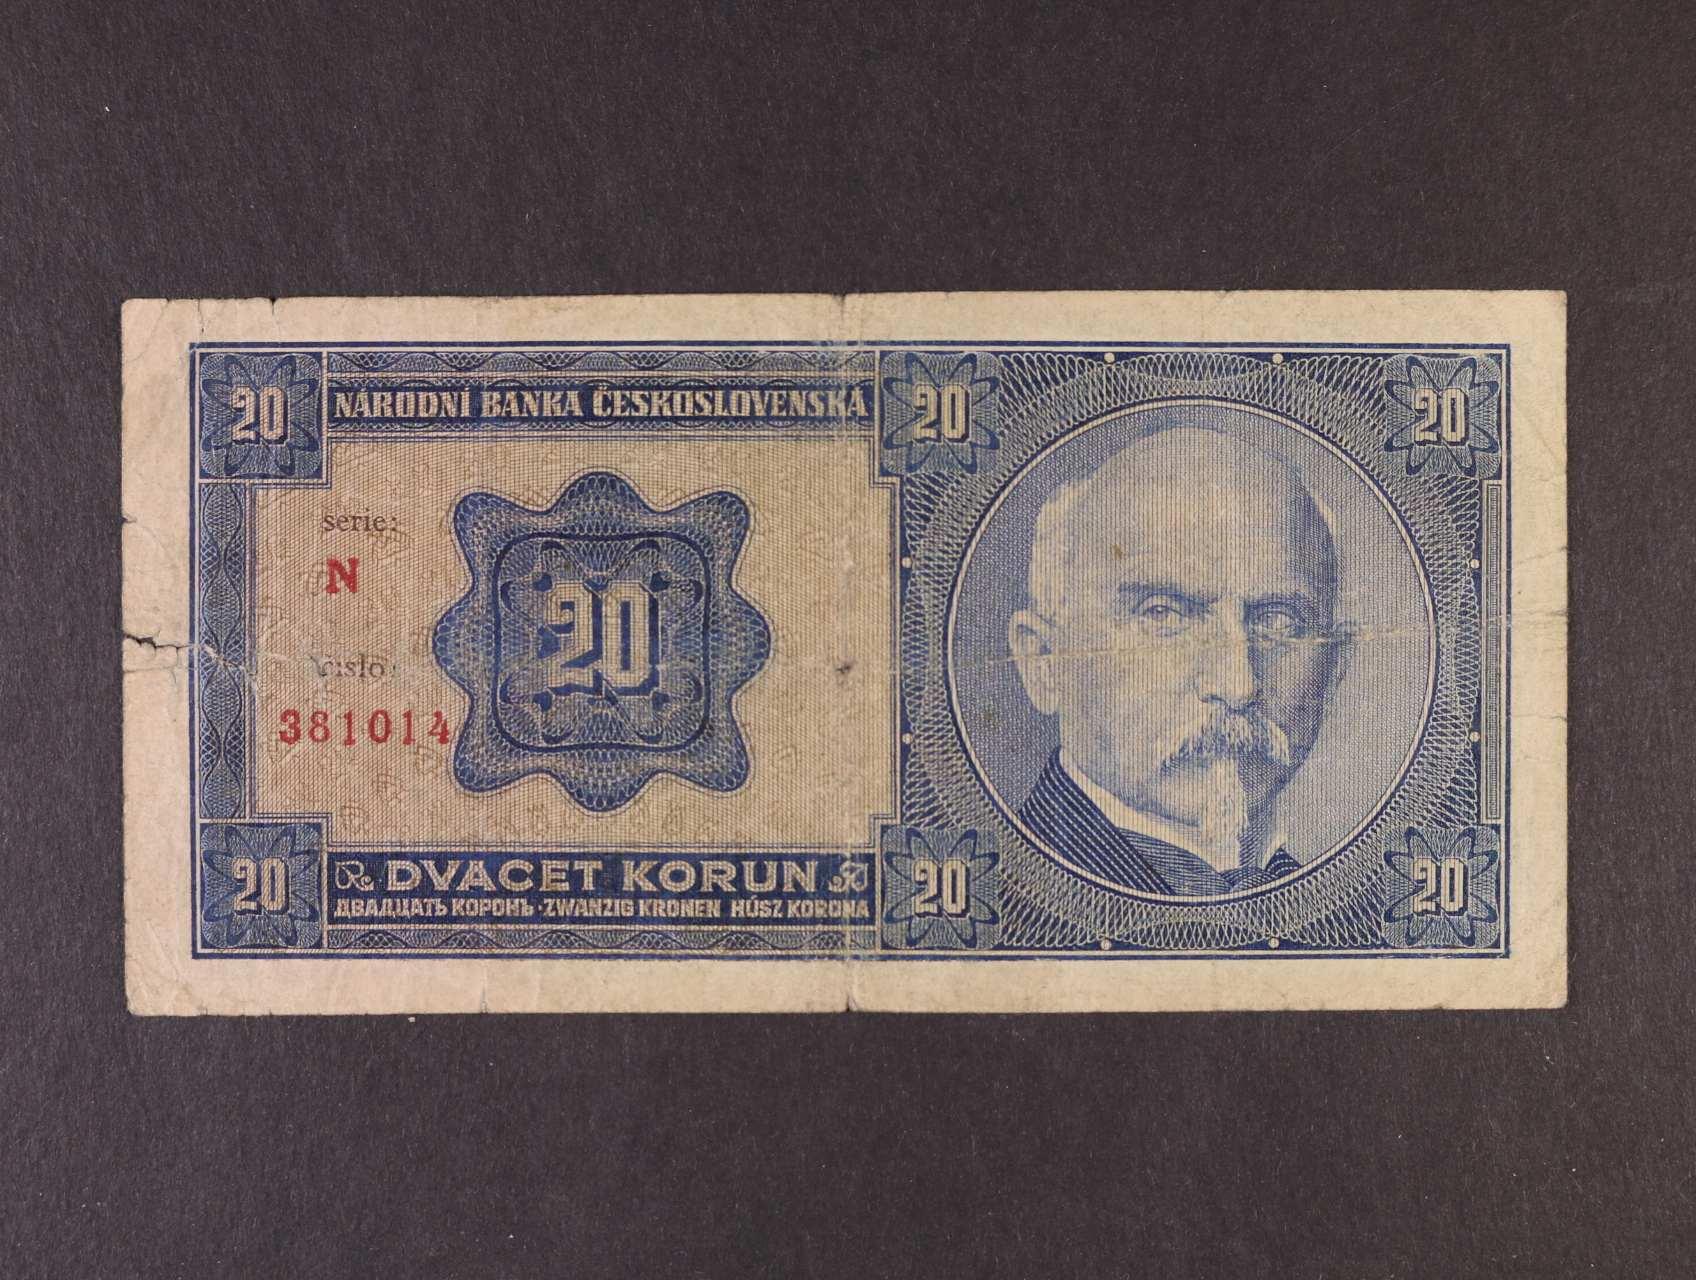 20 Kč 1.10.1926 série N, Ba. 21a, Pi. 21a